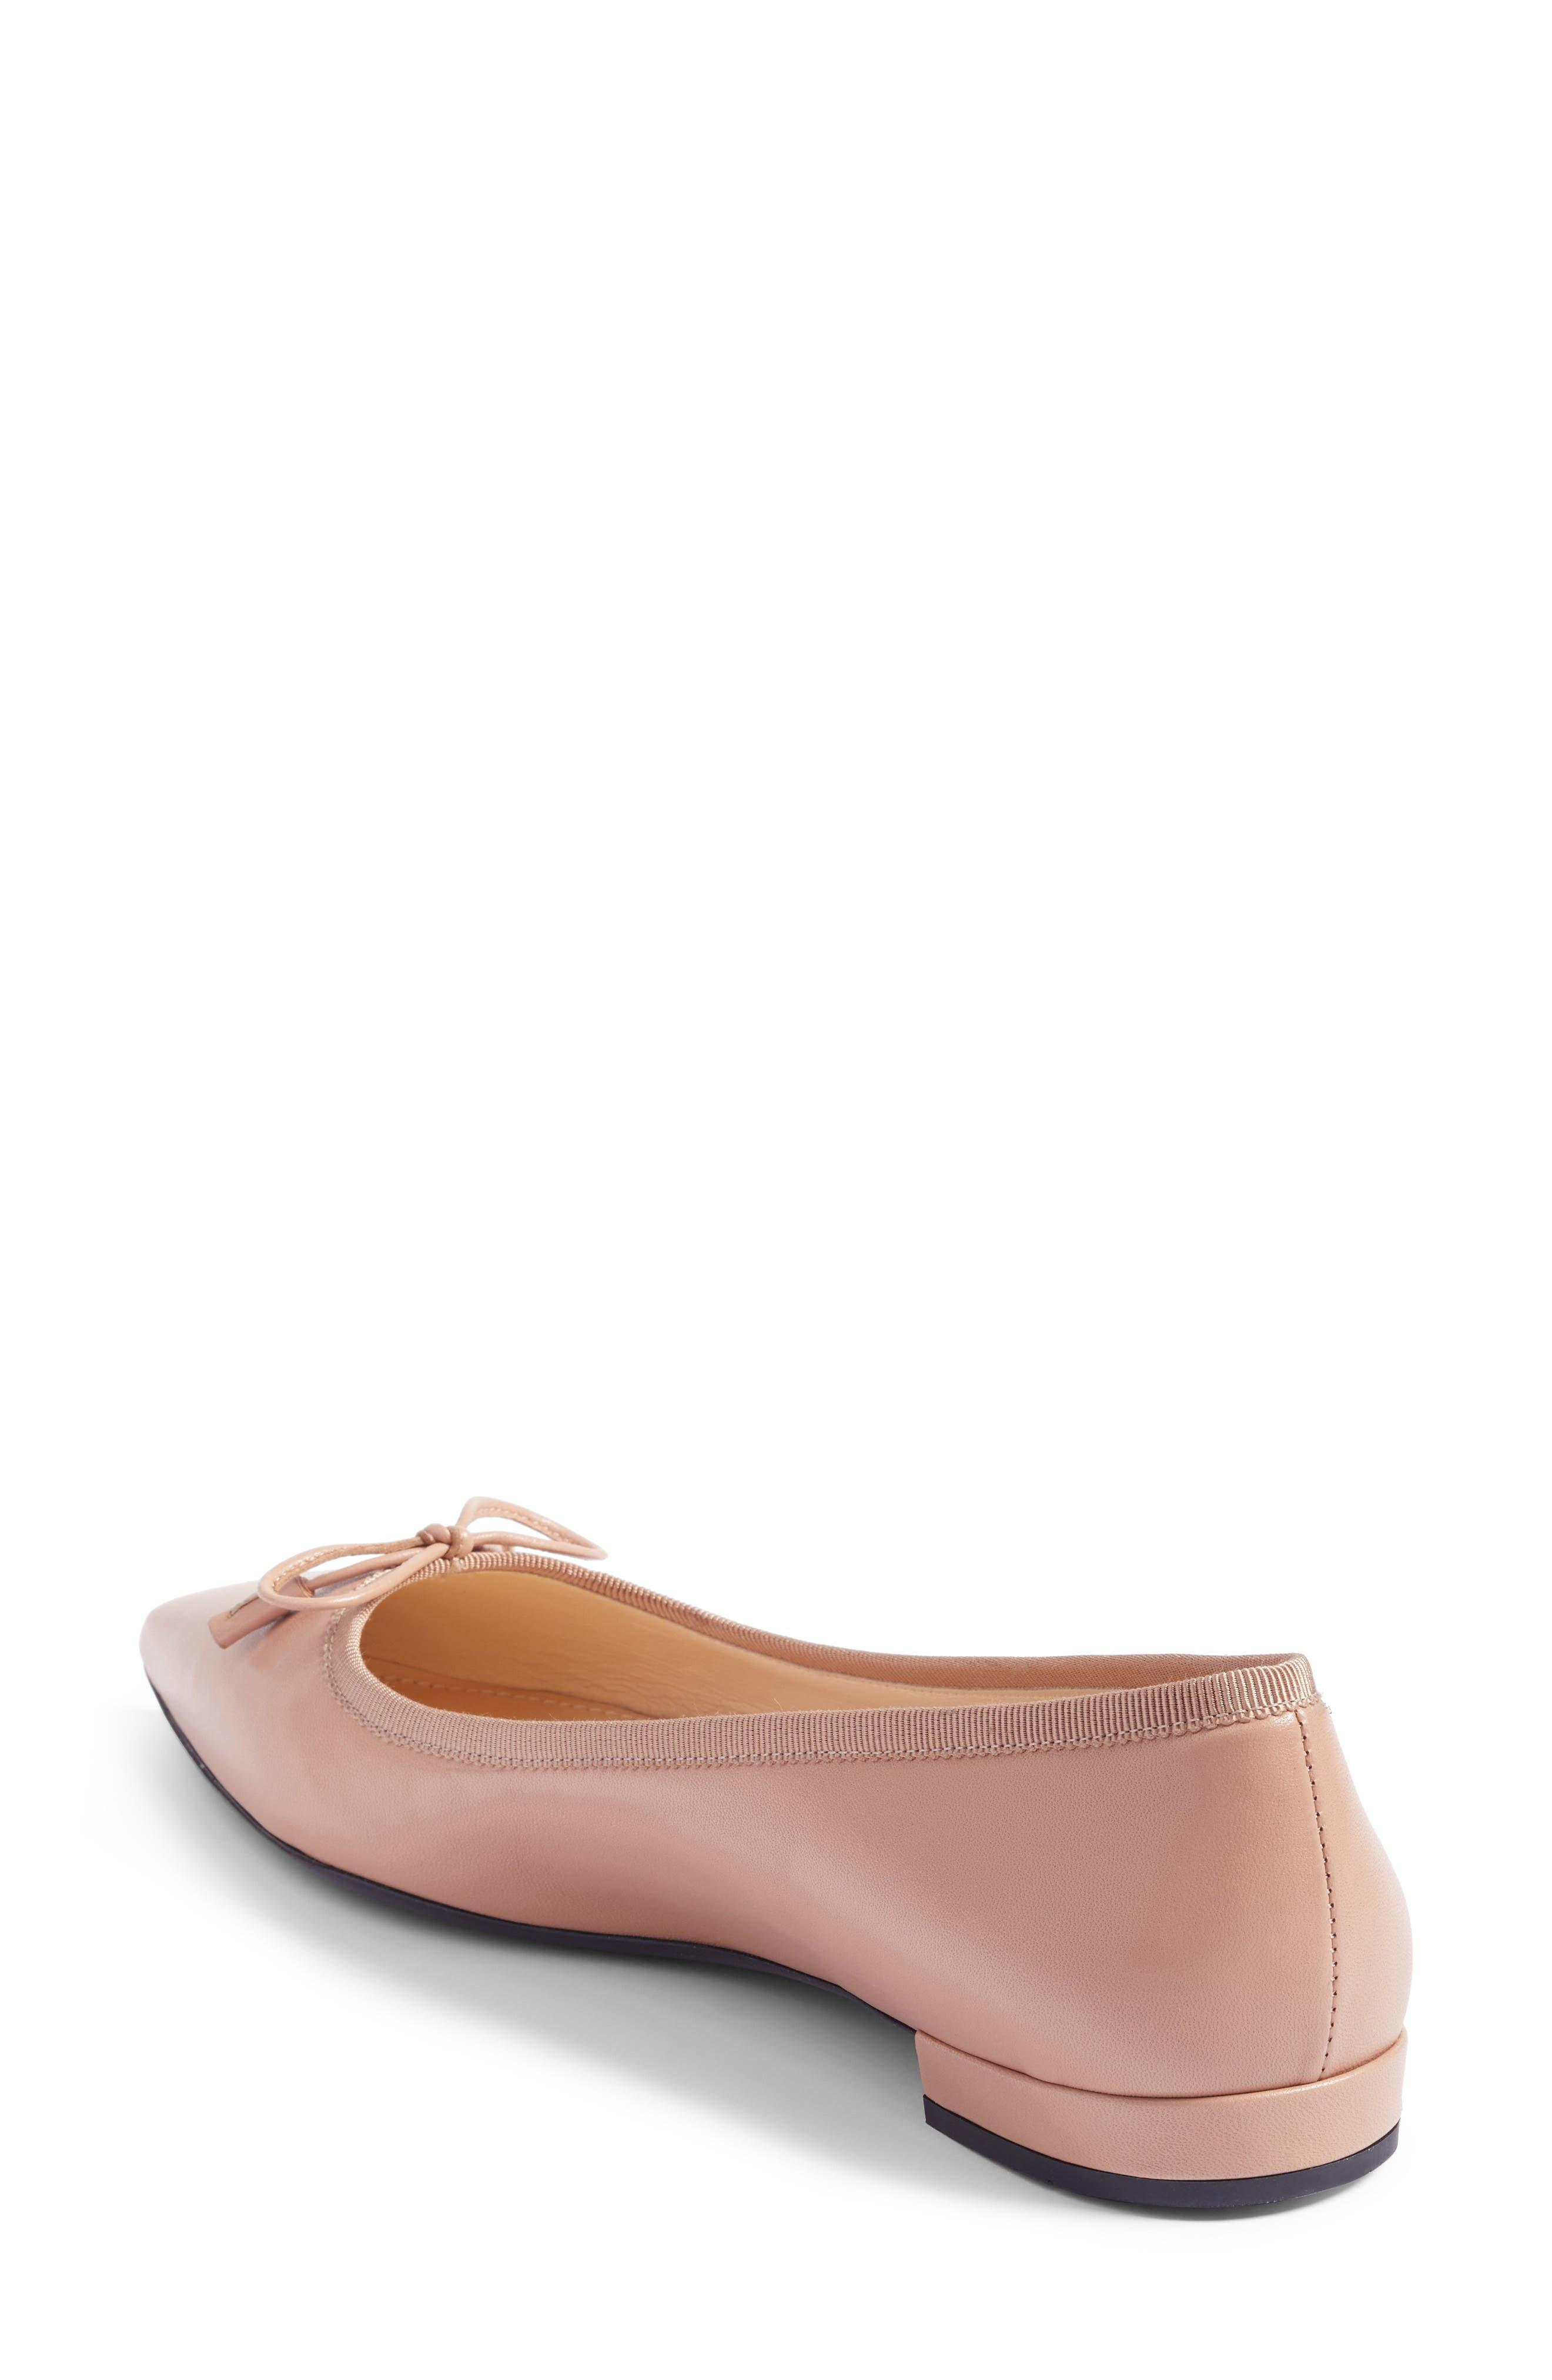 5d4703b507eba Women s Prada Shoes